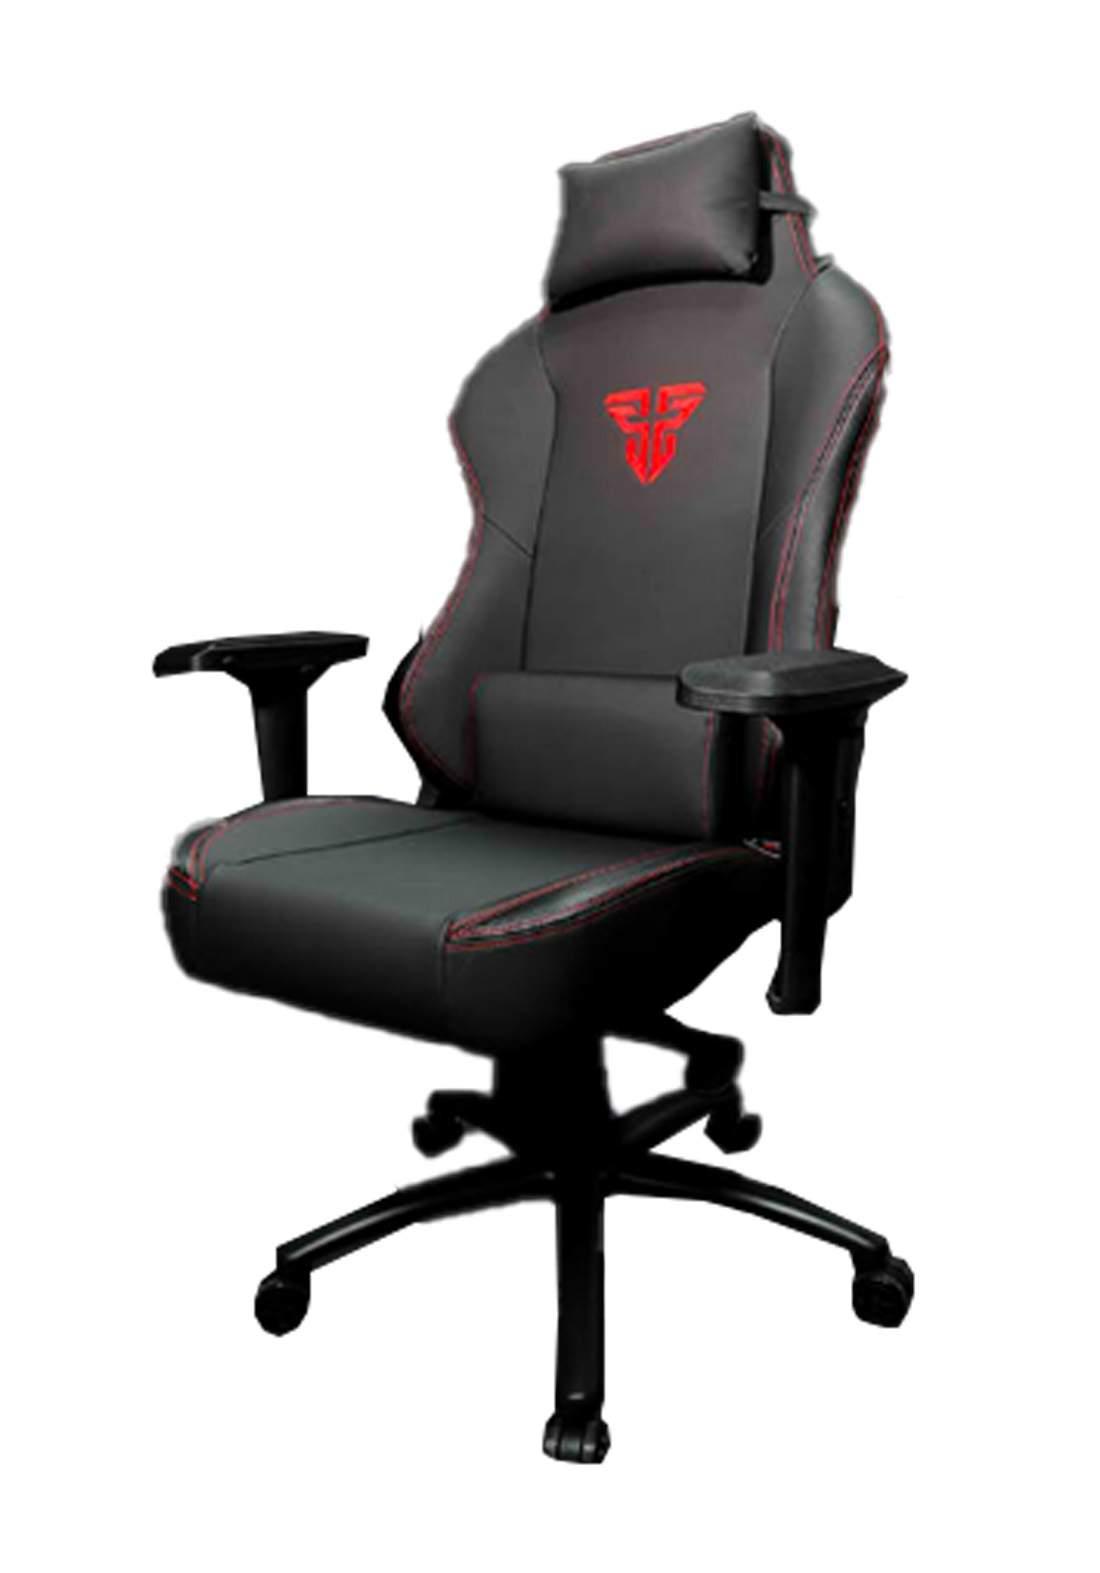 Fantech Alpha GC183 Gaming Chair - Black كرسي ألعاب